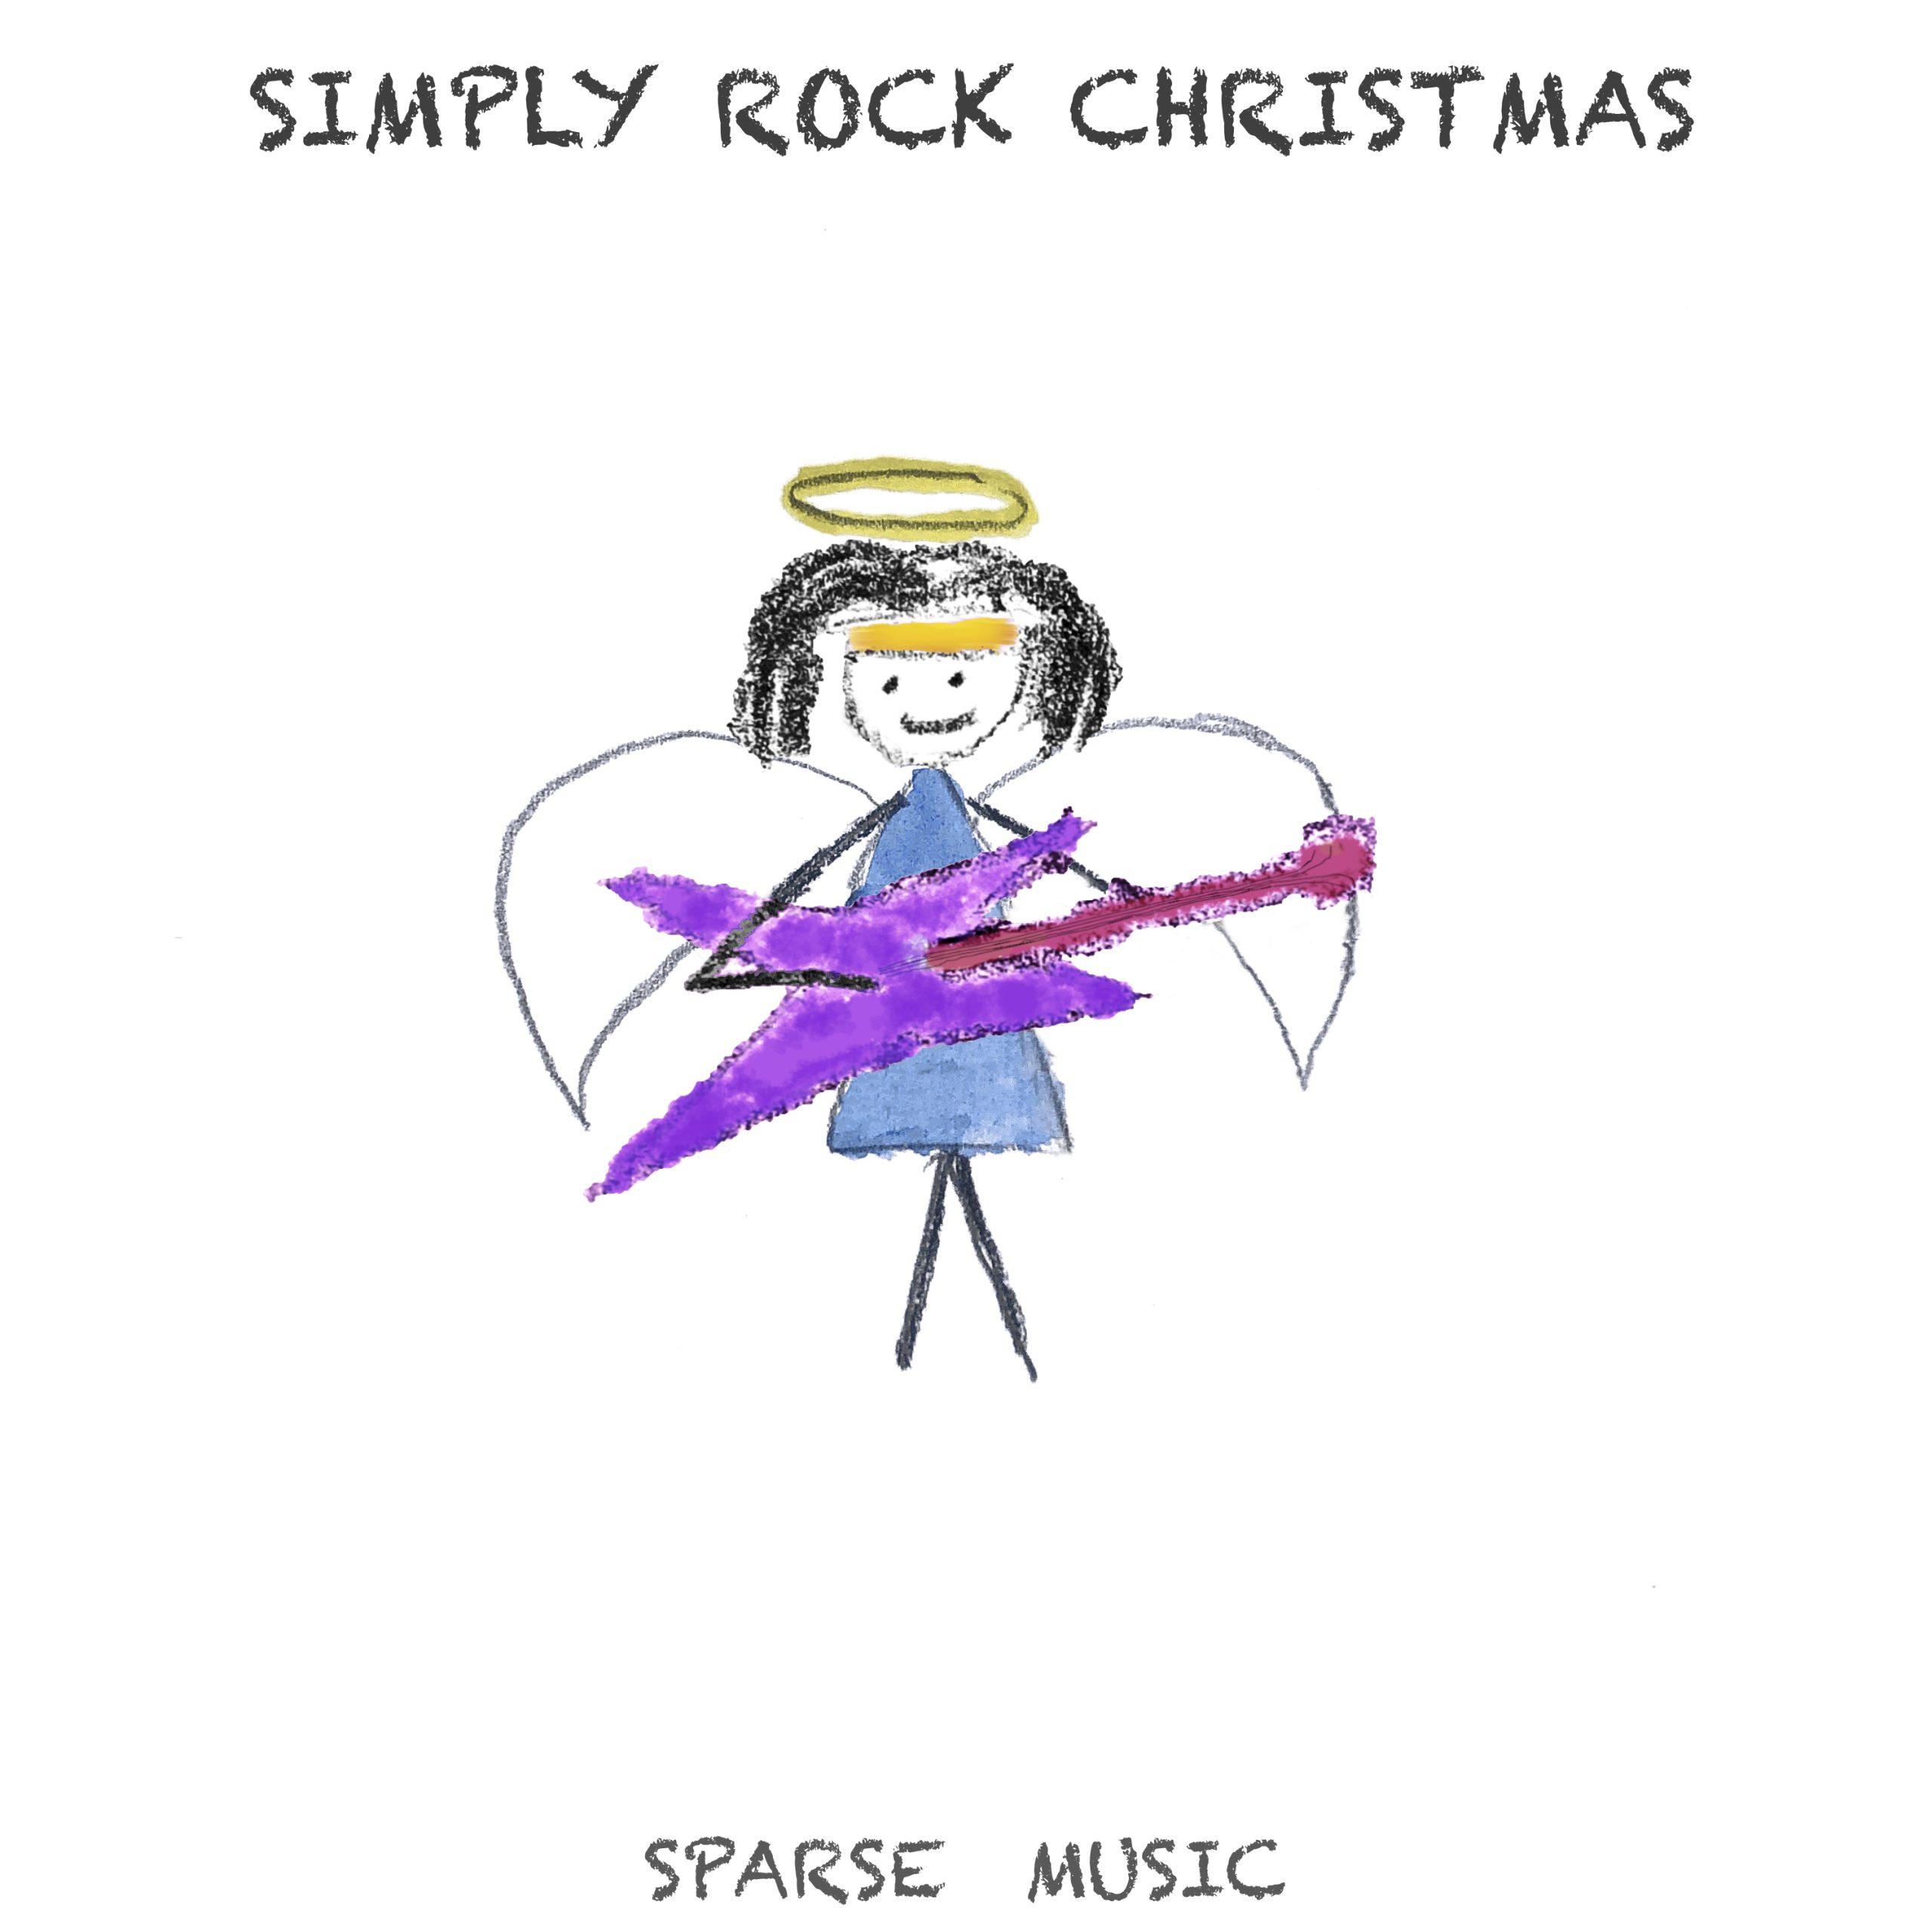 SPRS 01058 SIMPLY ROCK CHRISTMAS 3000